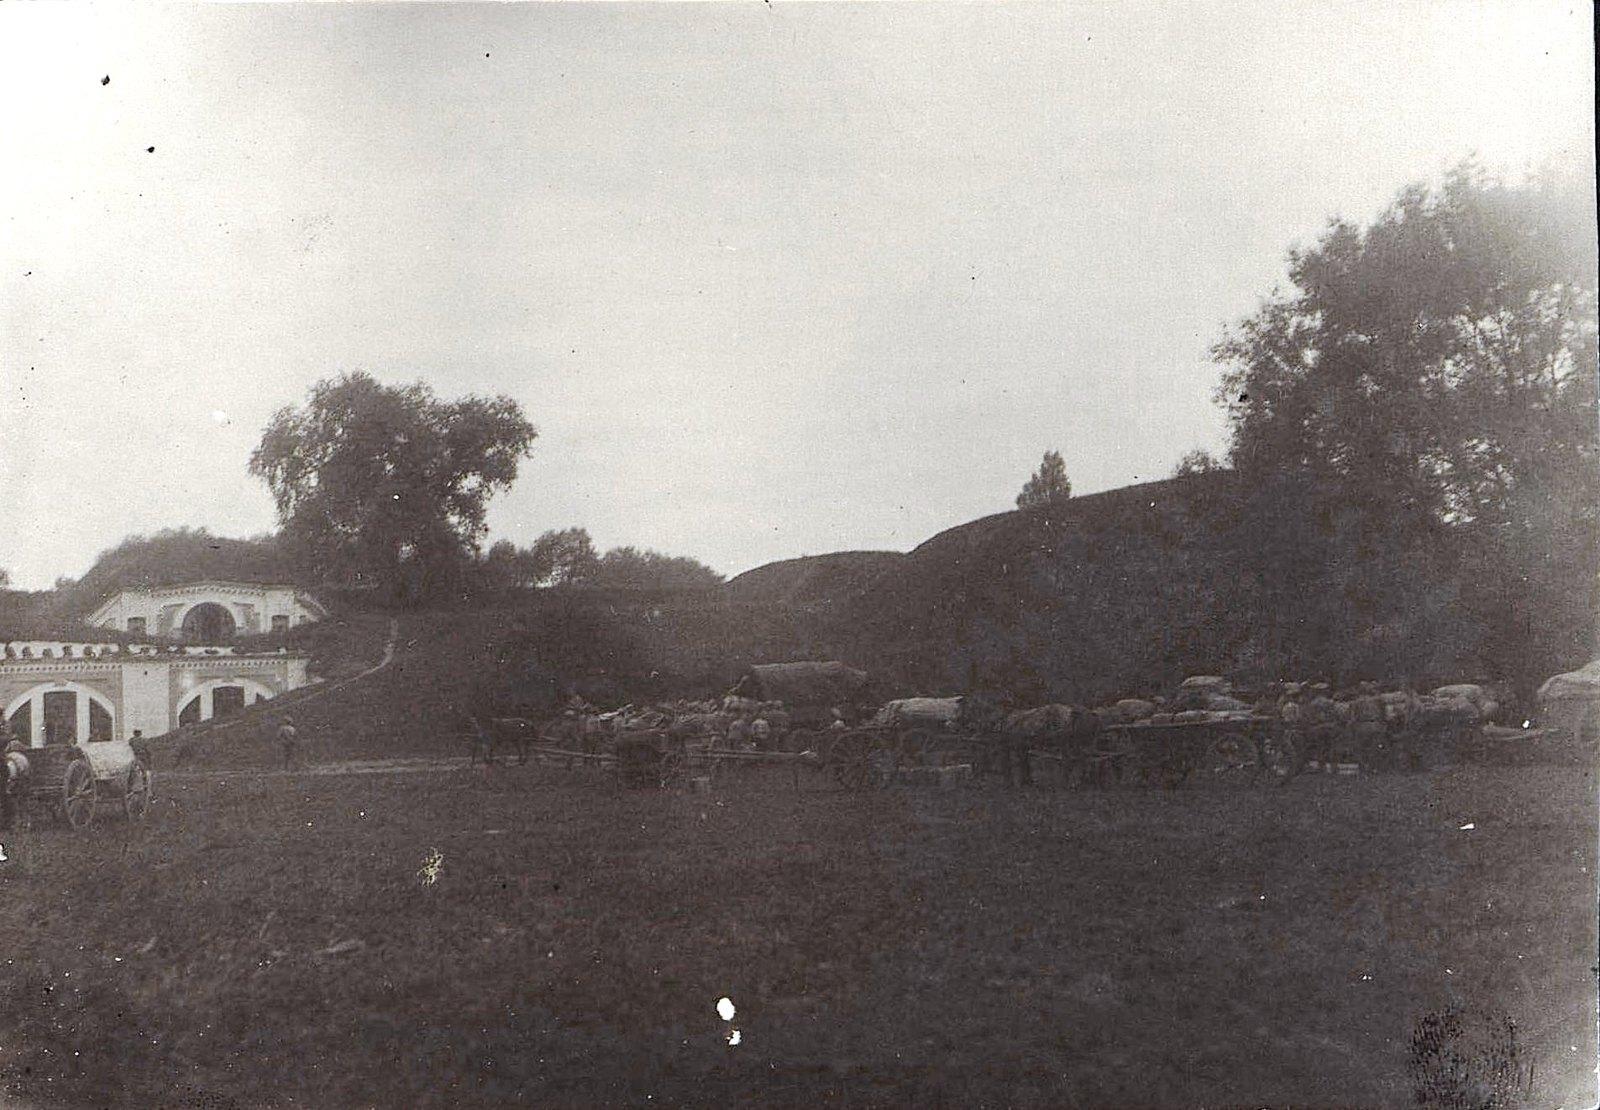 1915. Обстановка внутри центральной ограды крепости Брест-Литовск перед её сдачей